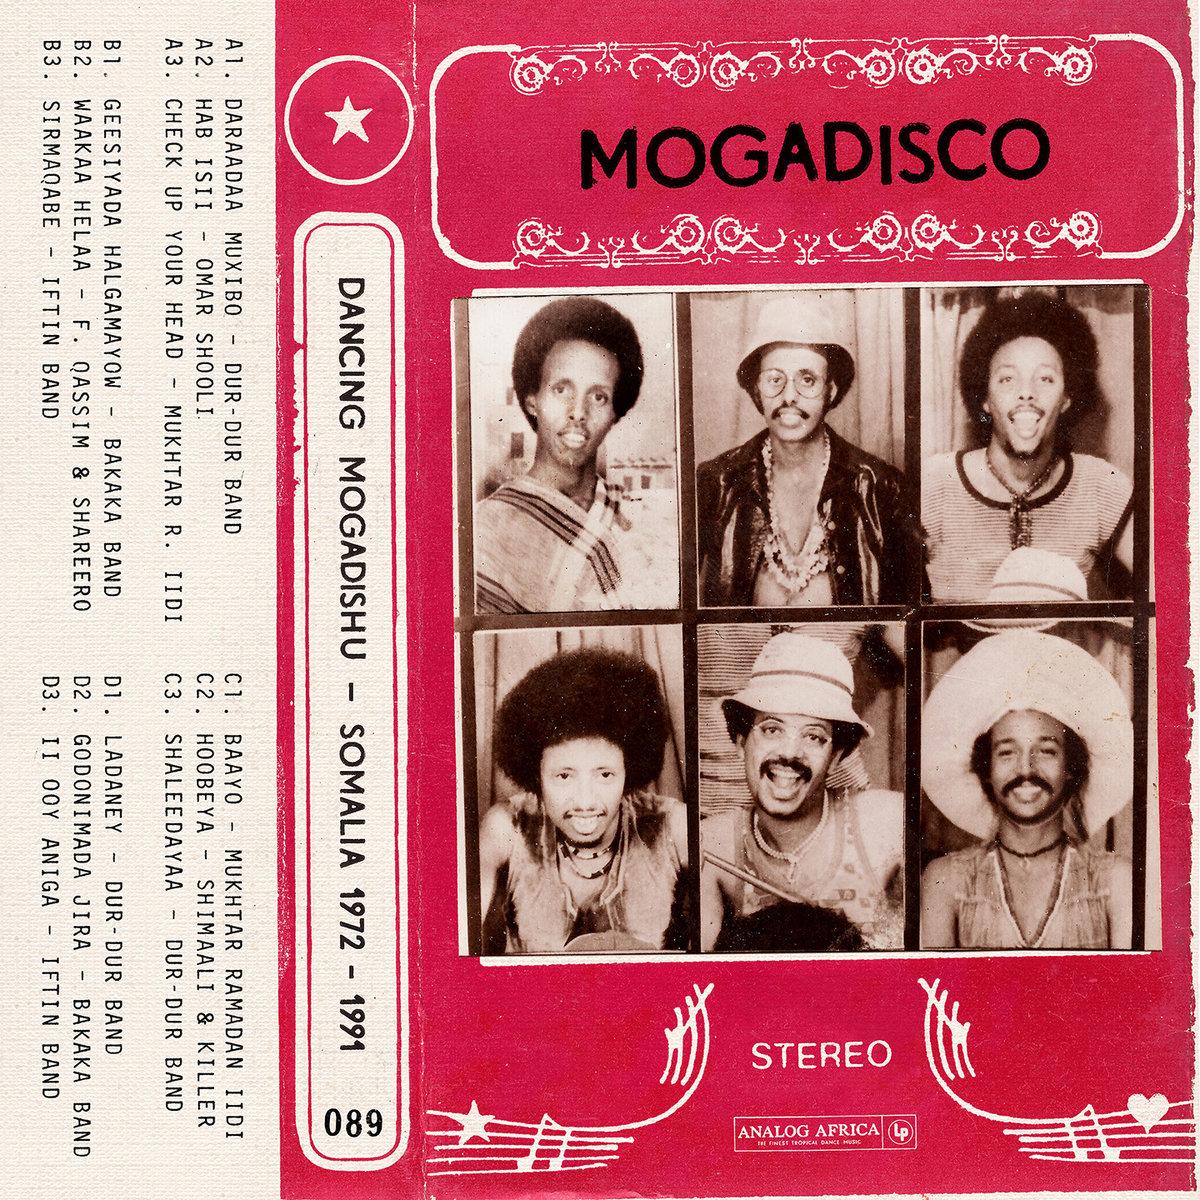 Mogadisco - Dancing Mogadishu (Somalia 1972-1991)